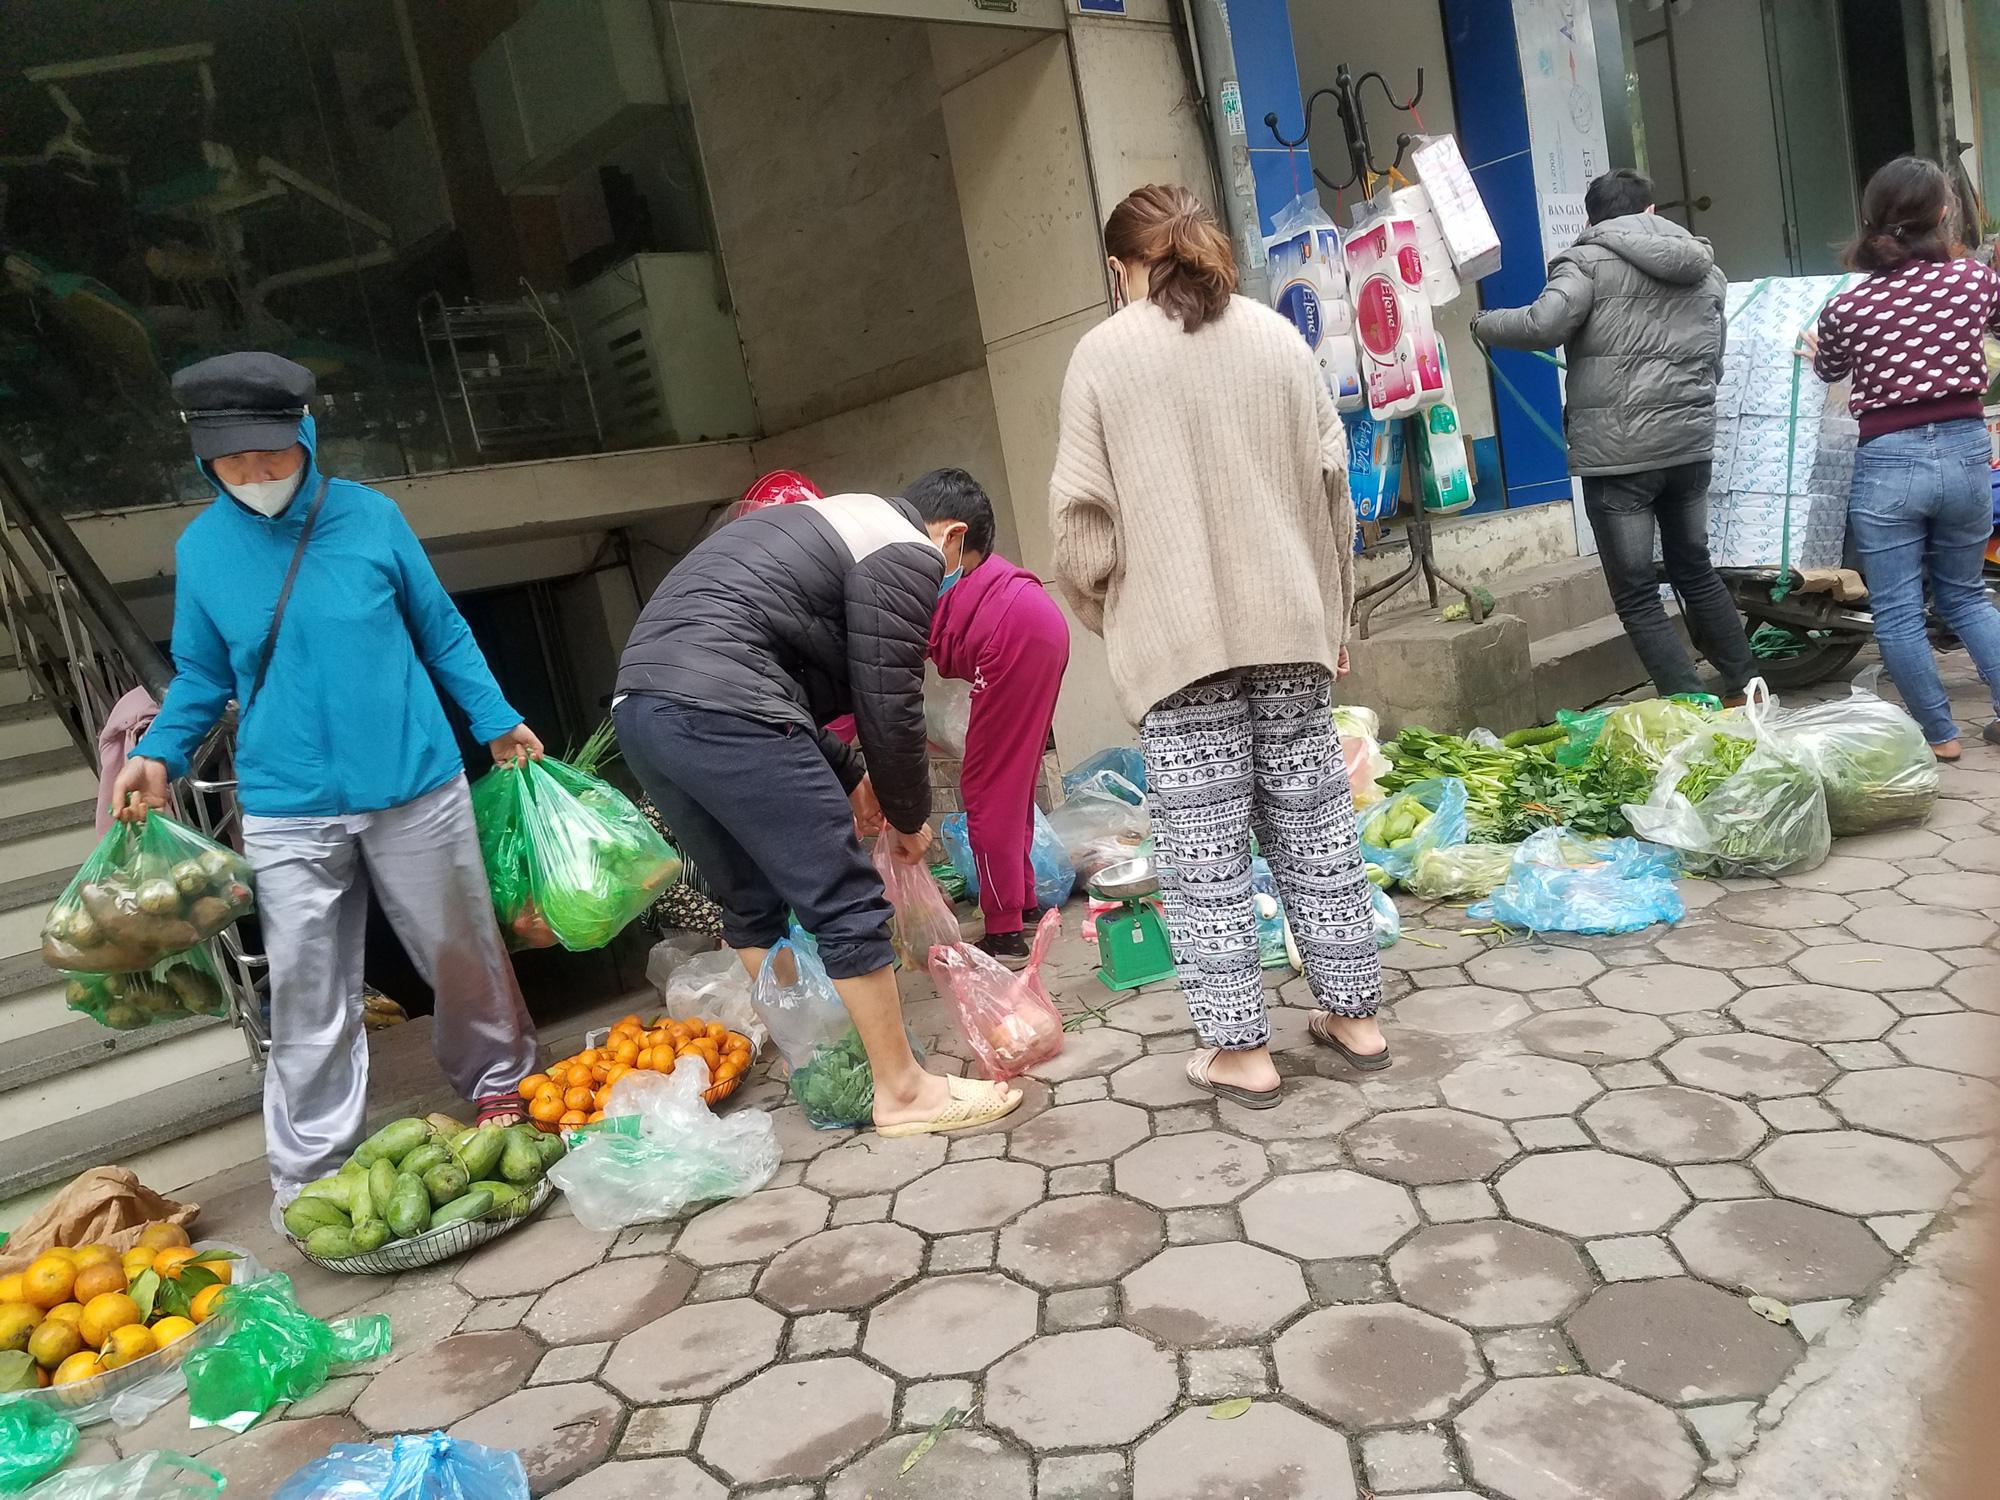 Hà Nội: Người dân tranh thủ ra các chợ, siêu thị mua lương thực và các đồ thiết yếu - Ảnh 15.